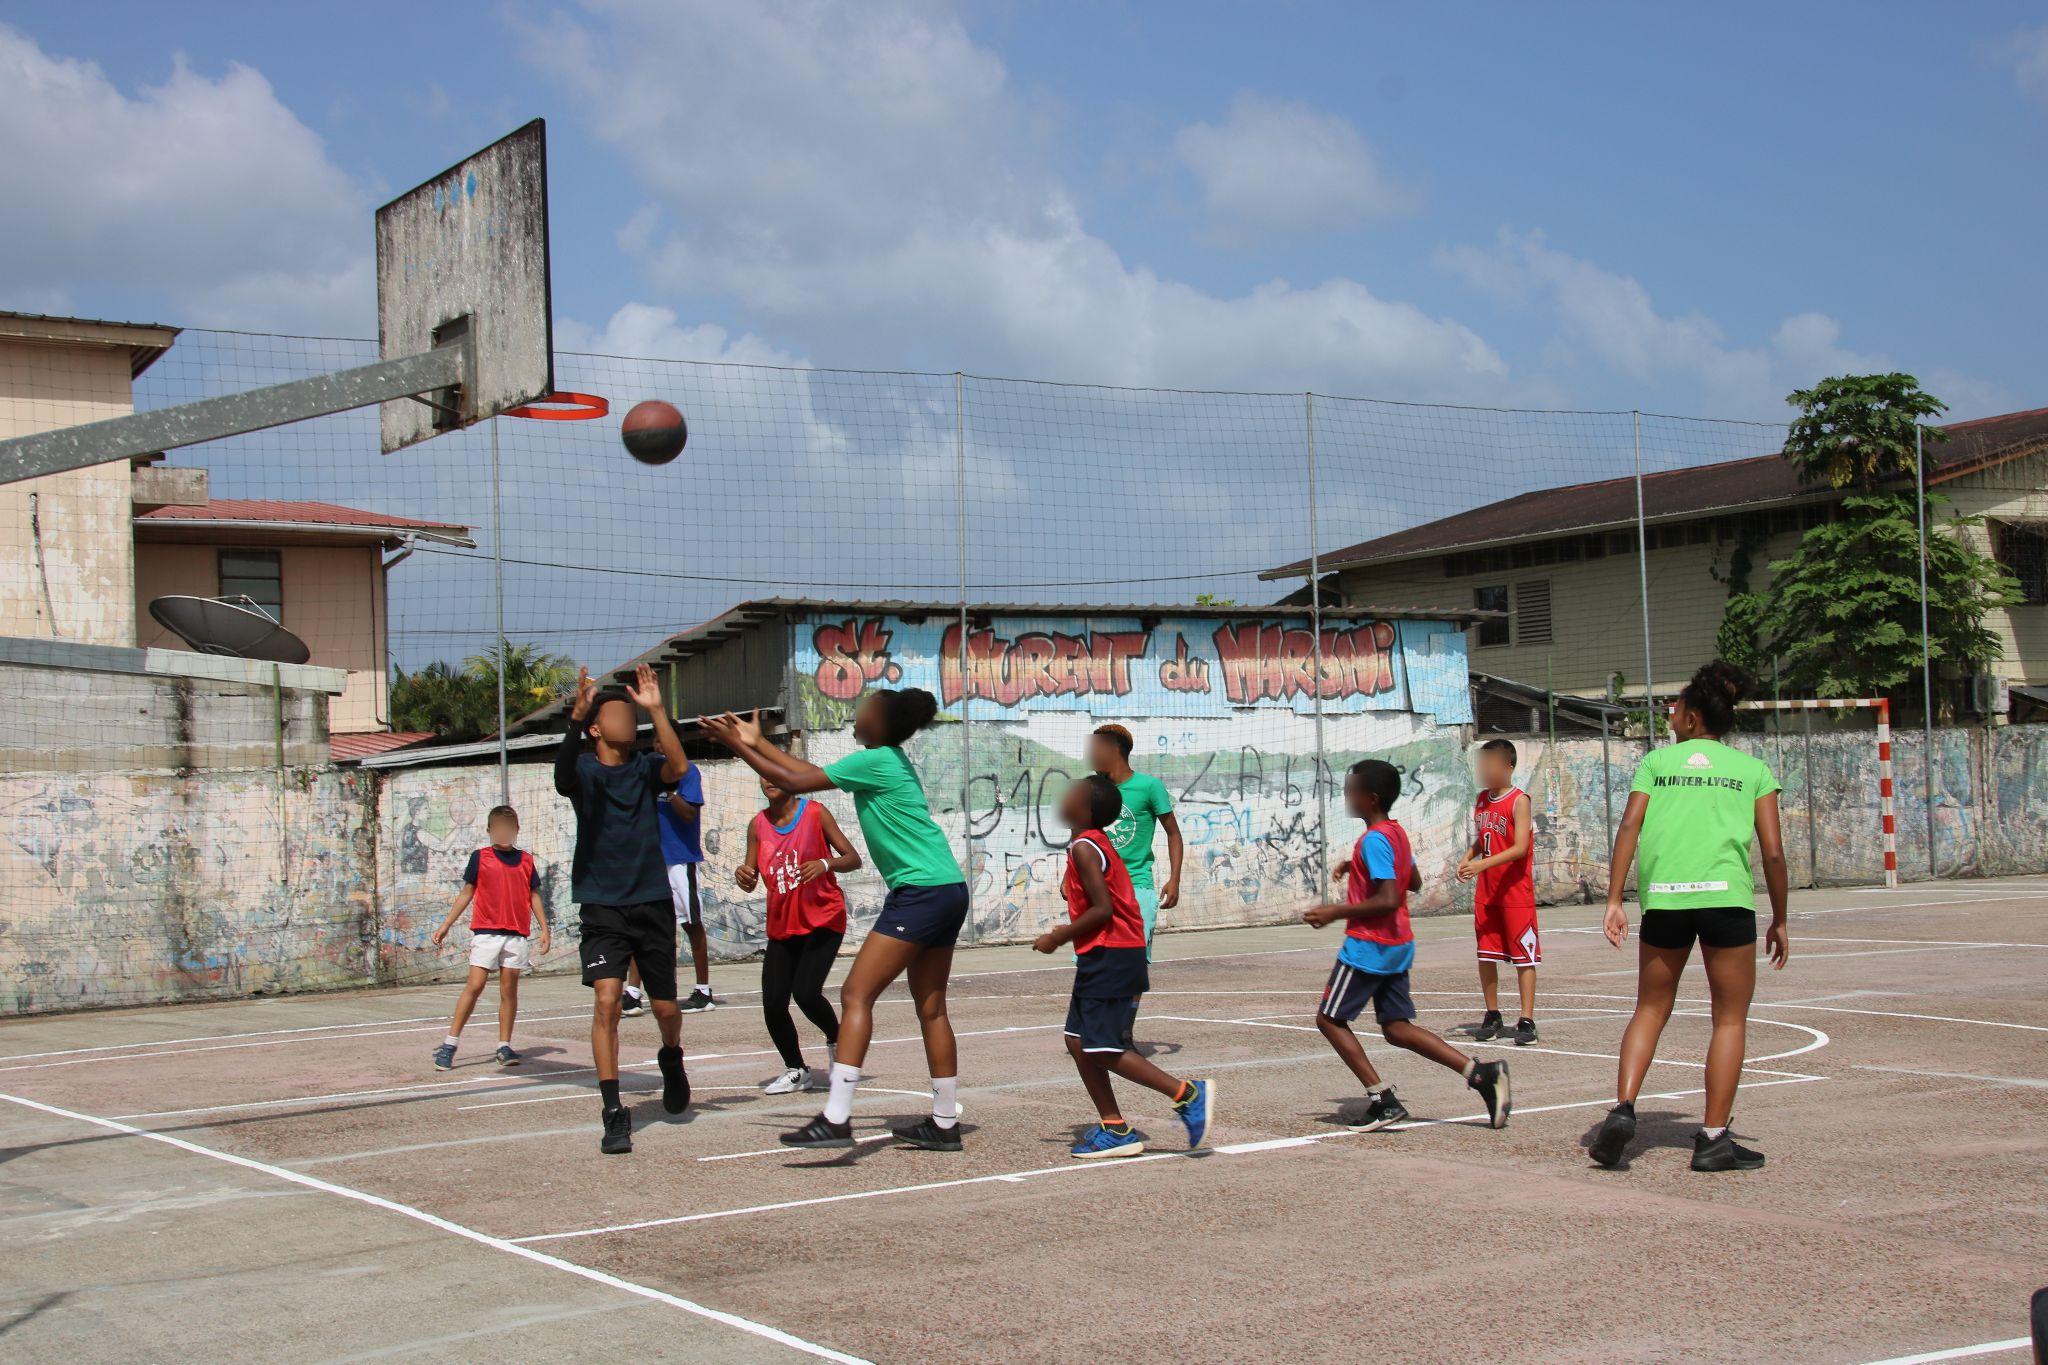 [INSERTION] : Tournoi de basket organisé par le Point d'Accueil Ecoute Jeunes